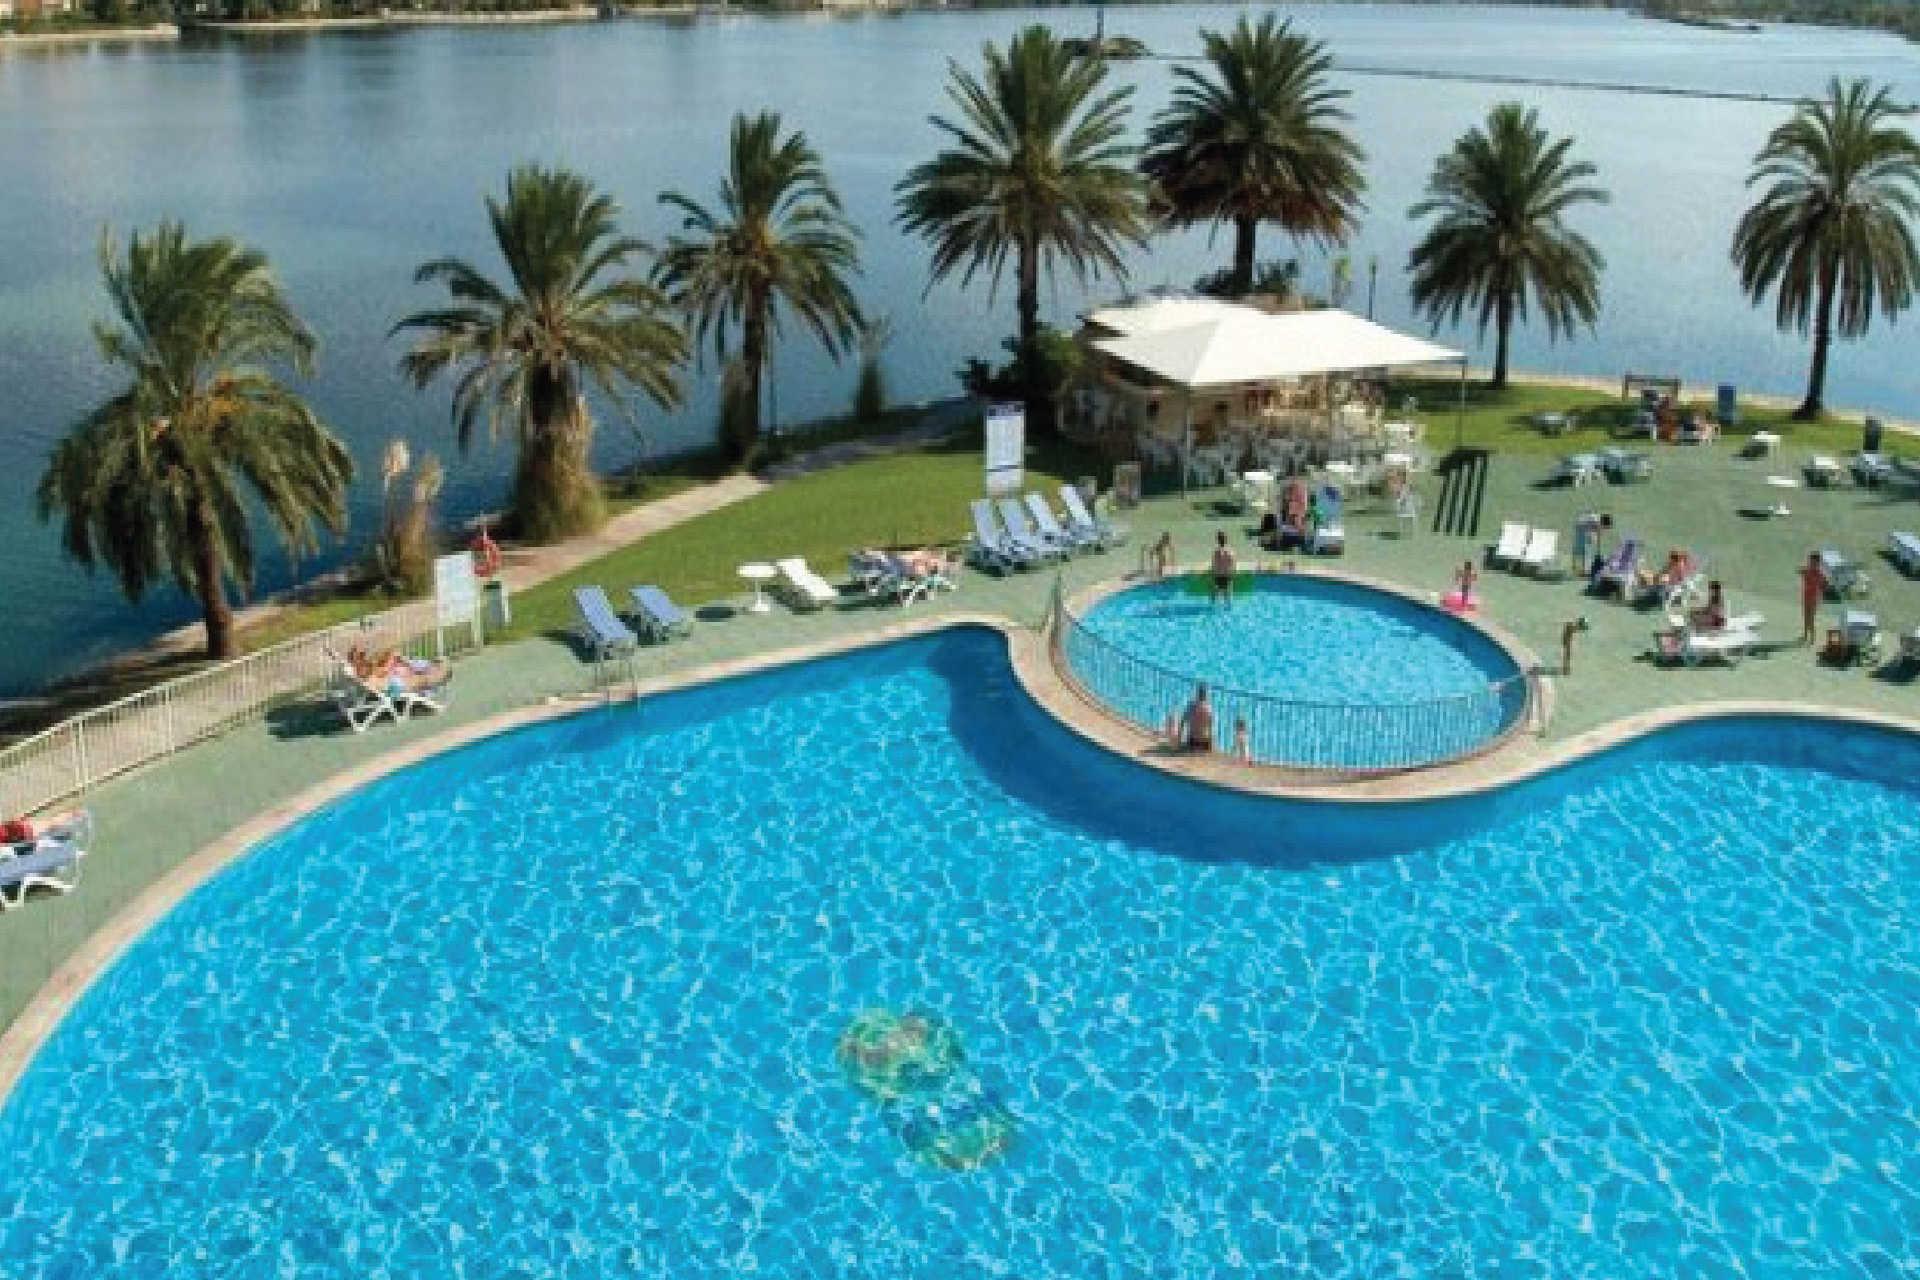 Warum sollten Sie sich für das BelleVue Club hotel entscheiden?